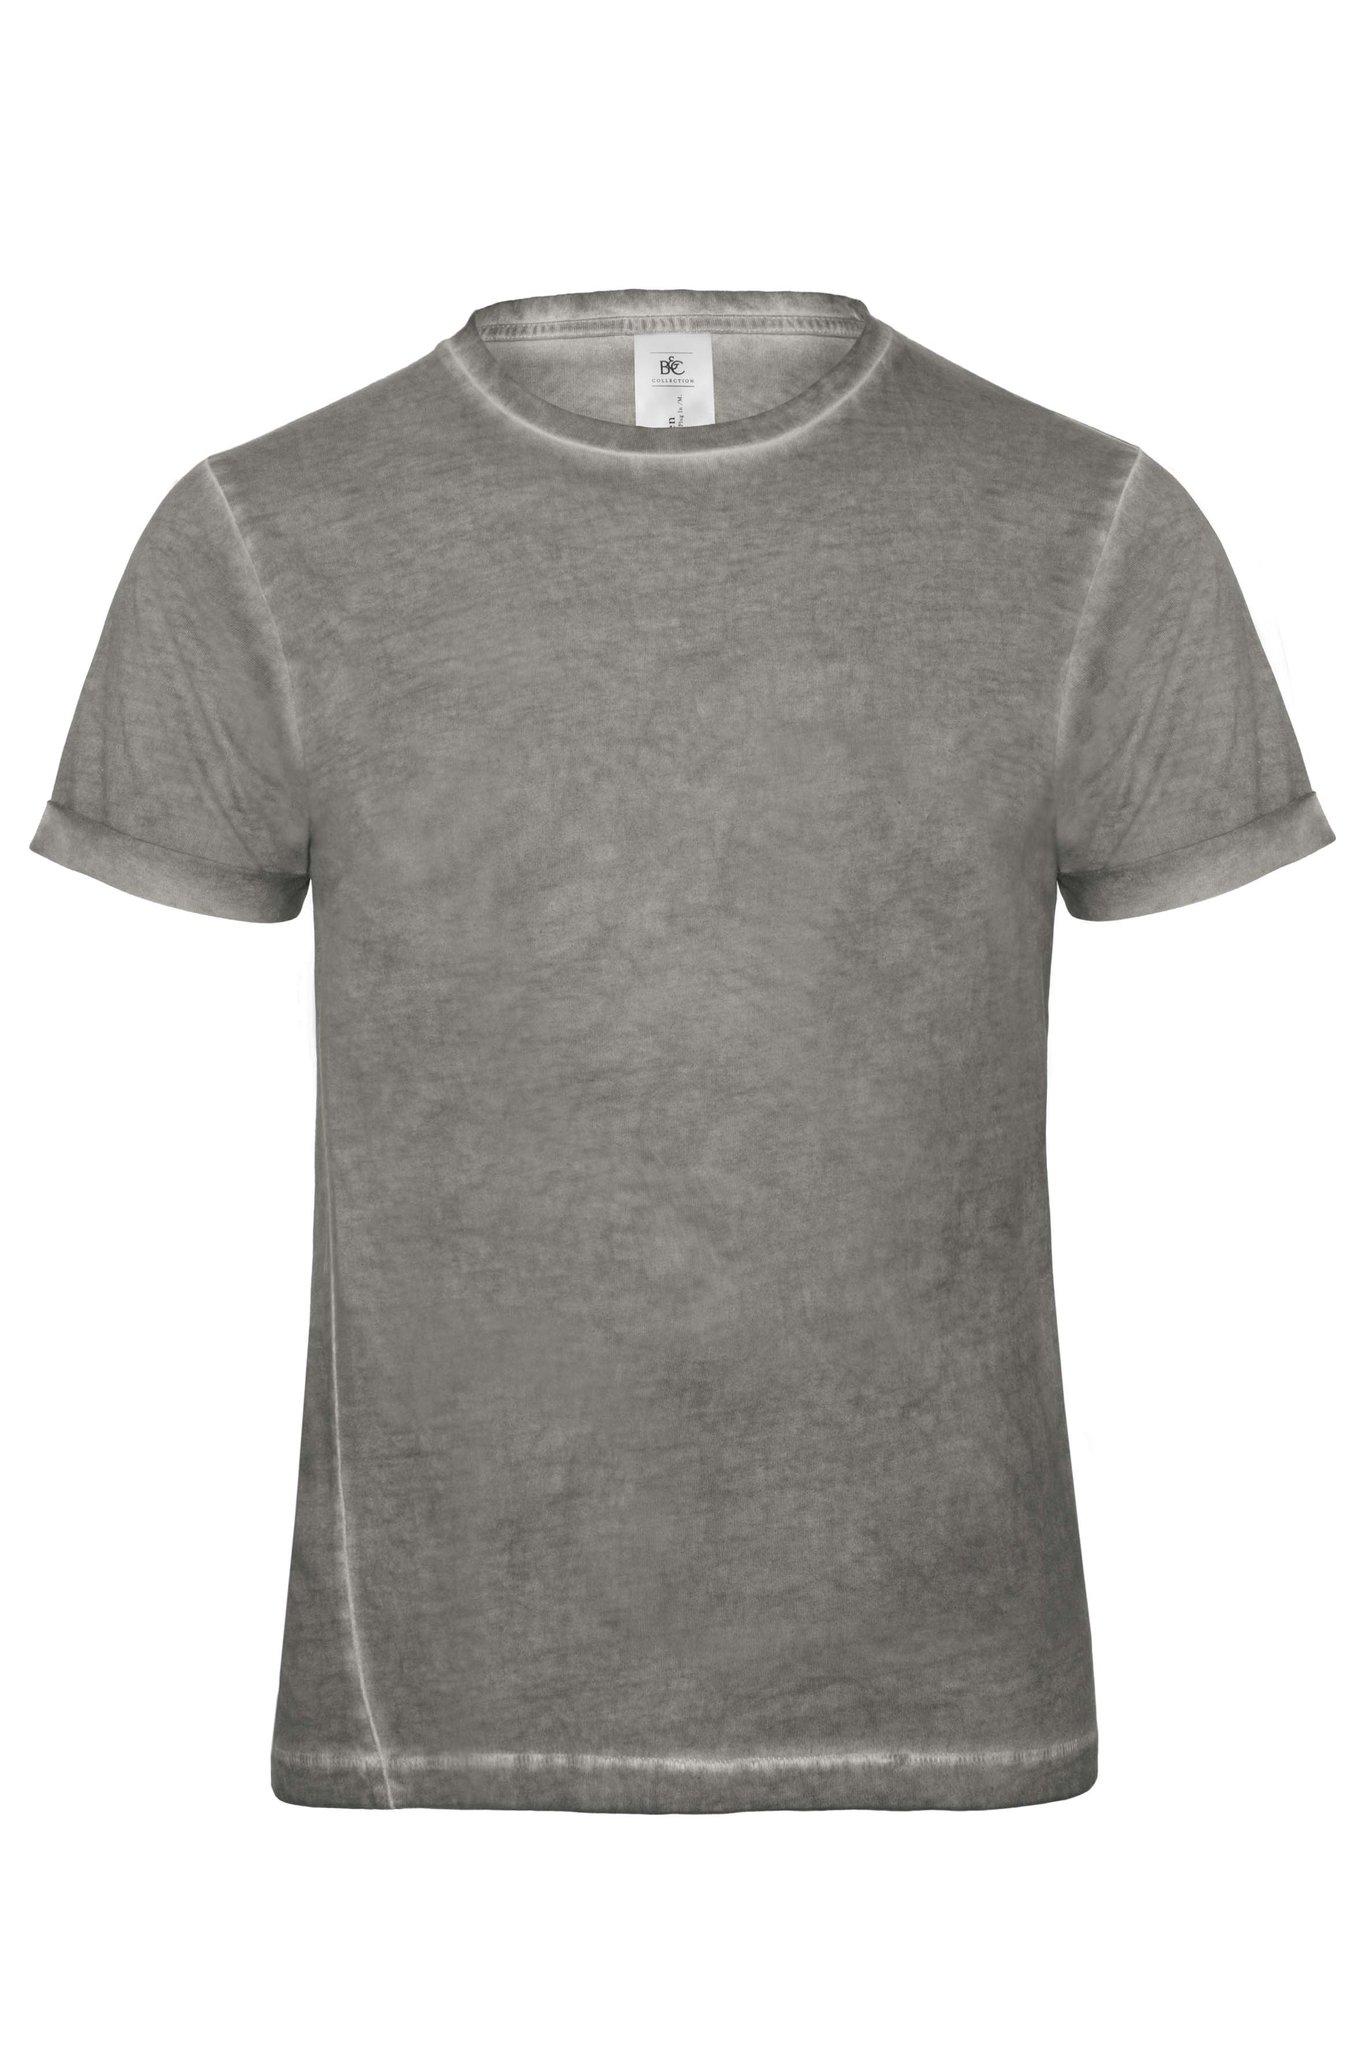 T-shirt promotionnel Plug In - t-shirt publicitaire